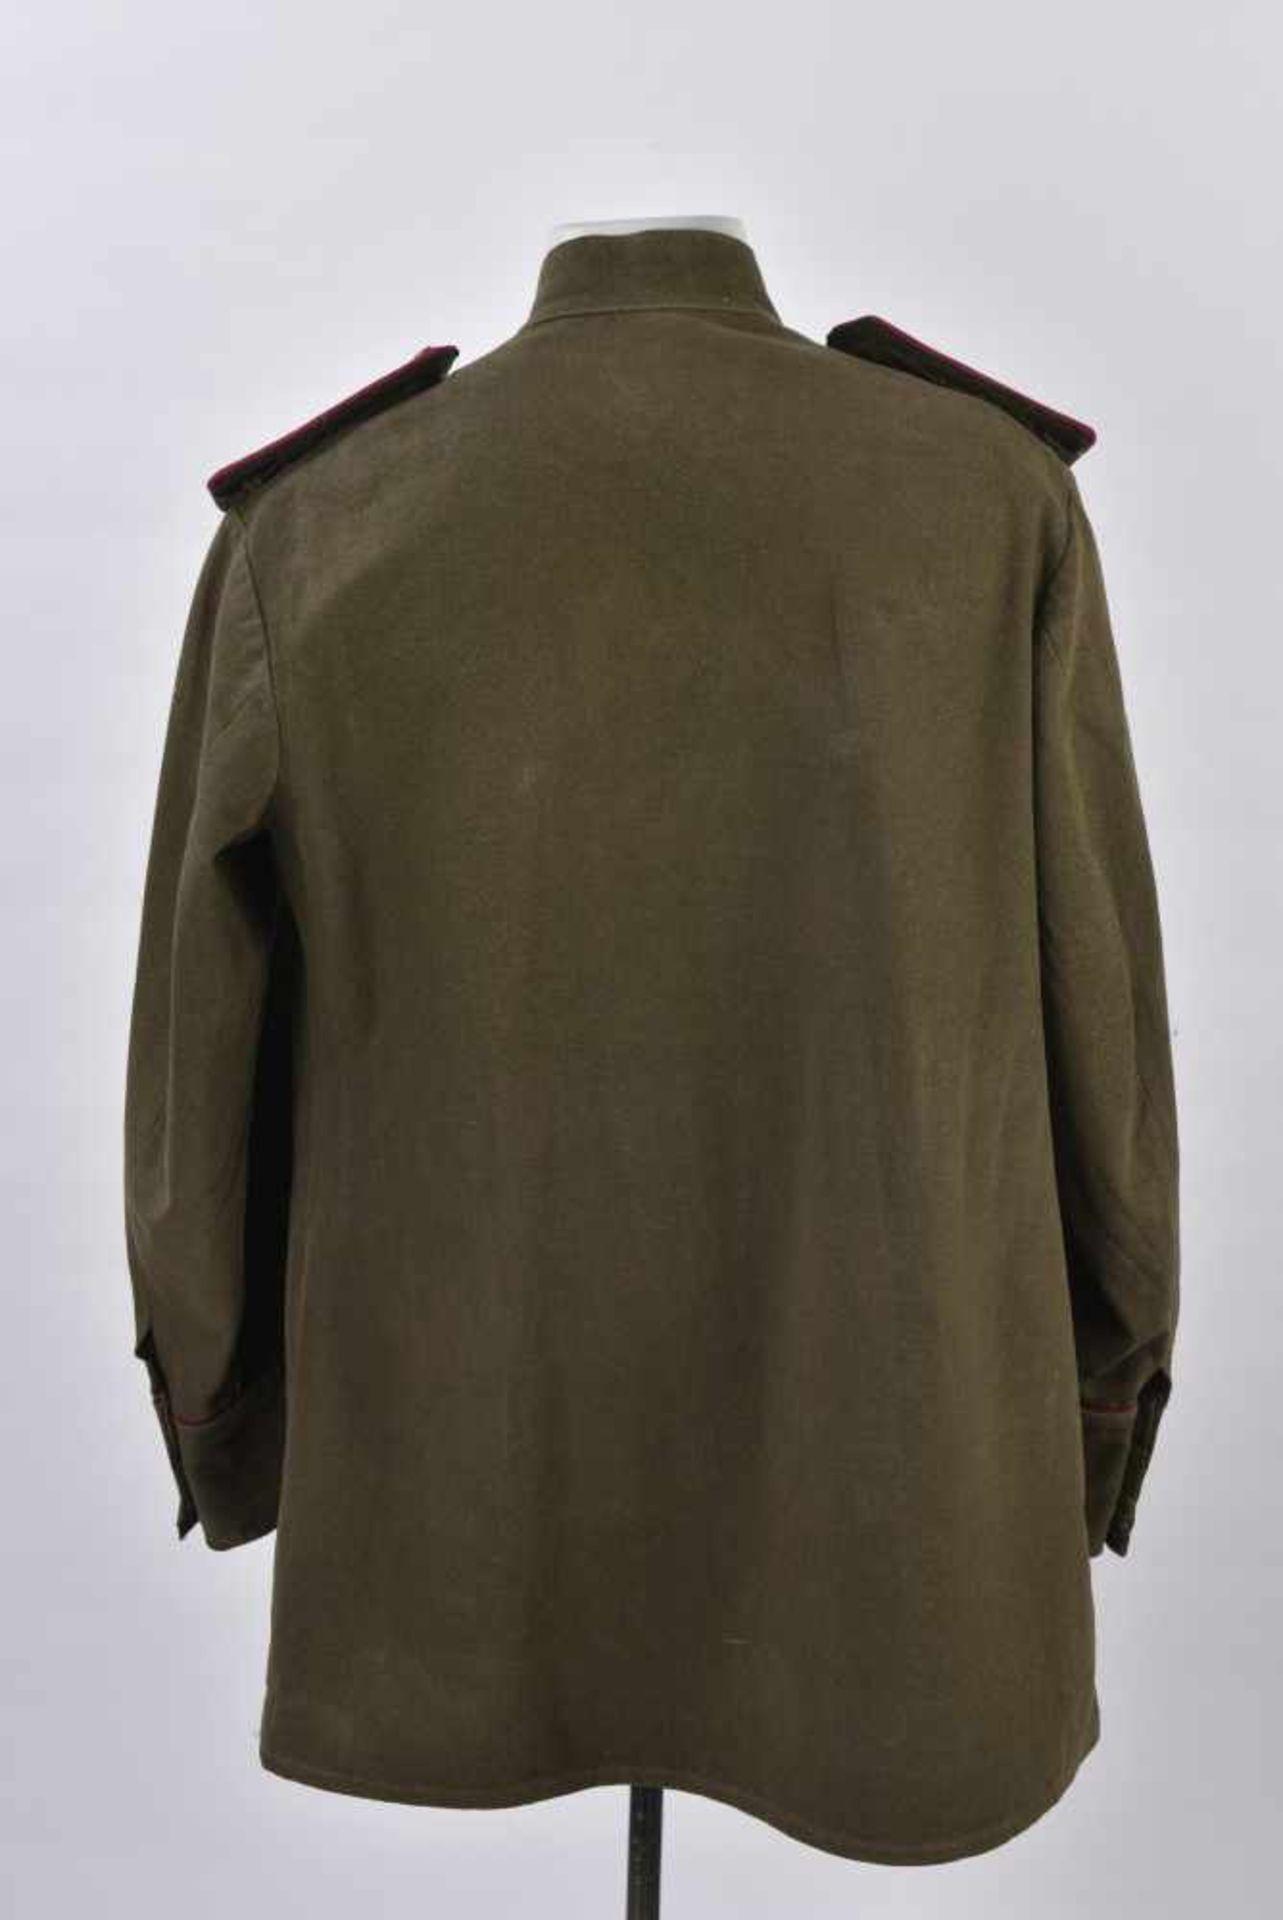 Gymnasterka M.35/43 d'un Colonel de l'infanterie Le col rabattu a été modifié en col droit, - Bild 2 aus 4